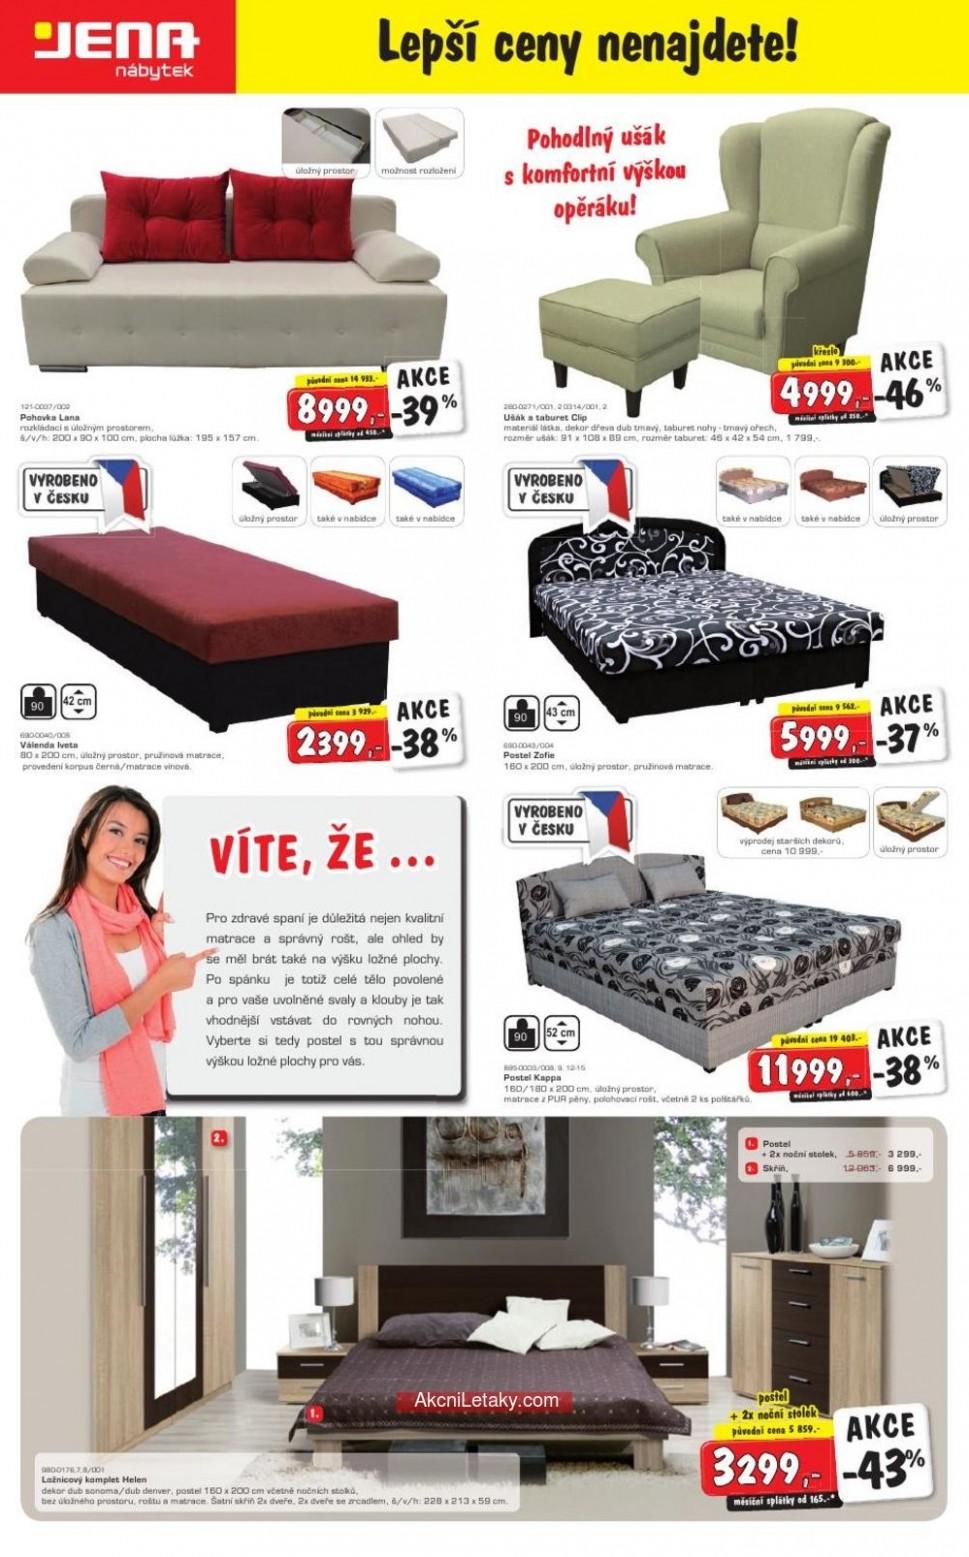 Katalog Jena nábytek od 59.59.